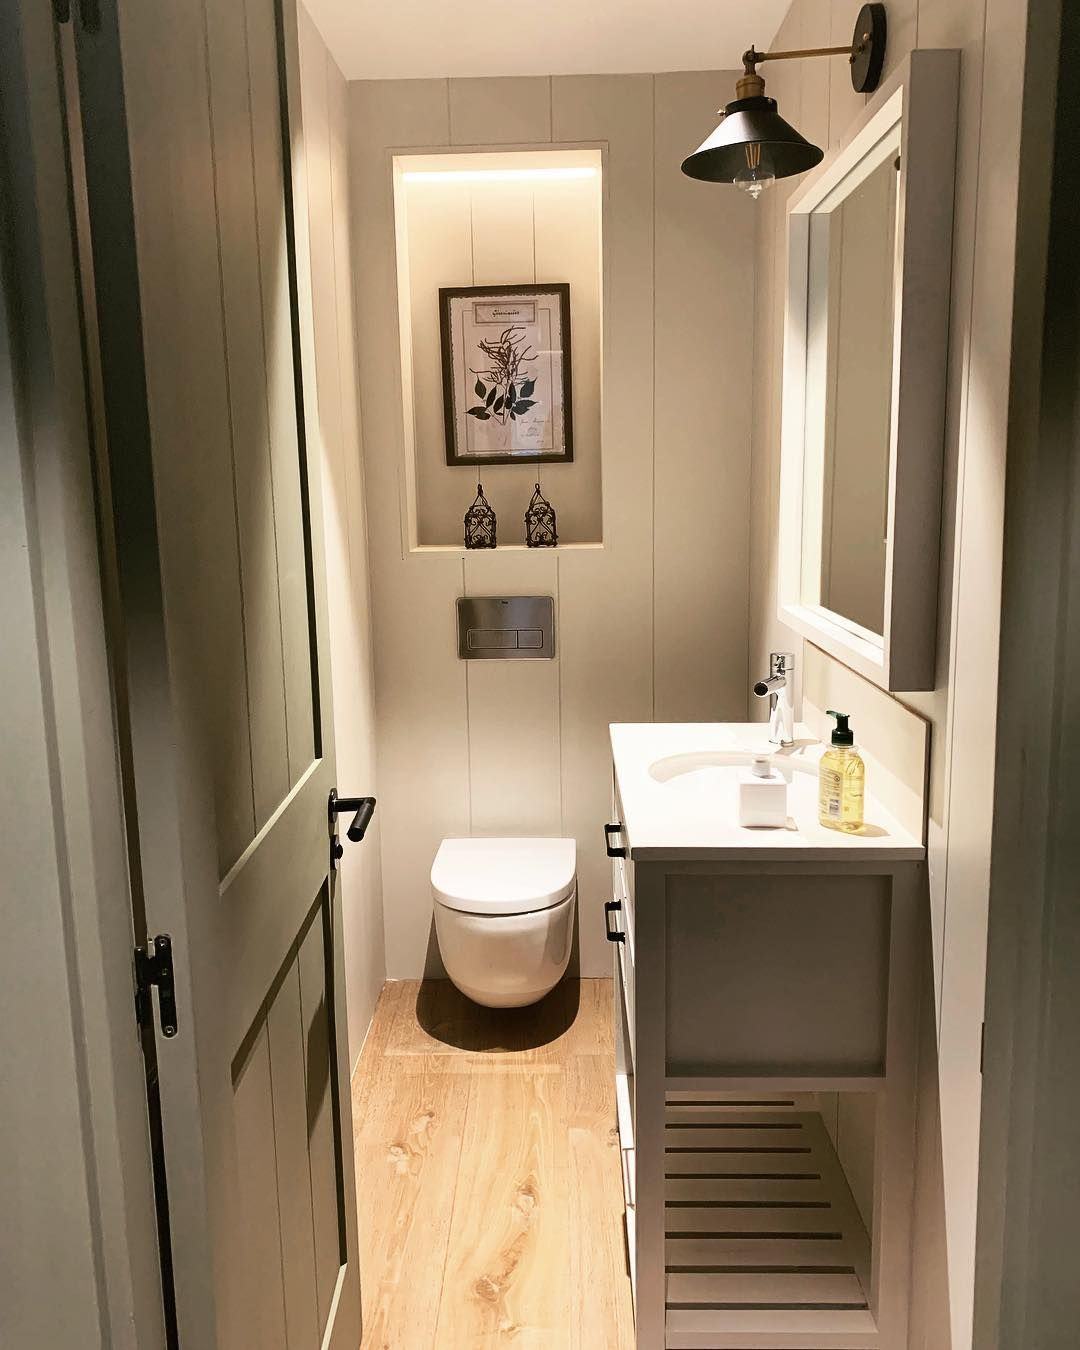 Cuca arraut interiors on instagram aprovechando todos los espacios con este peque o aseo de - Cuca arraut interiorismo ...